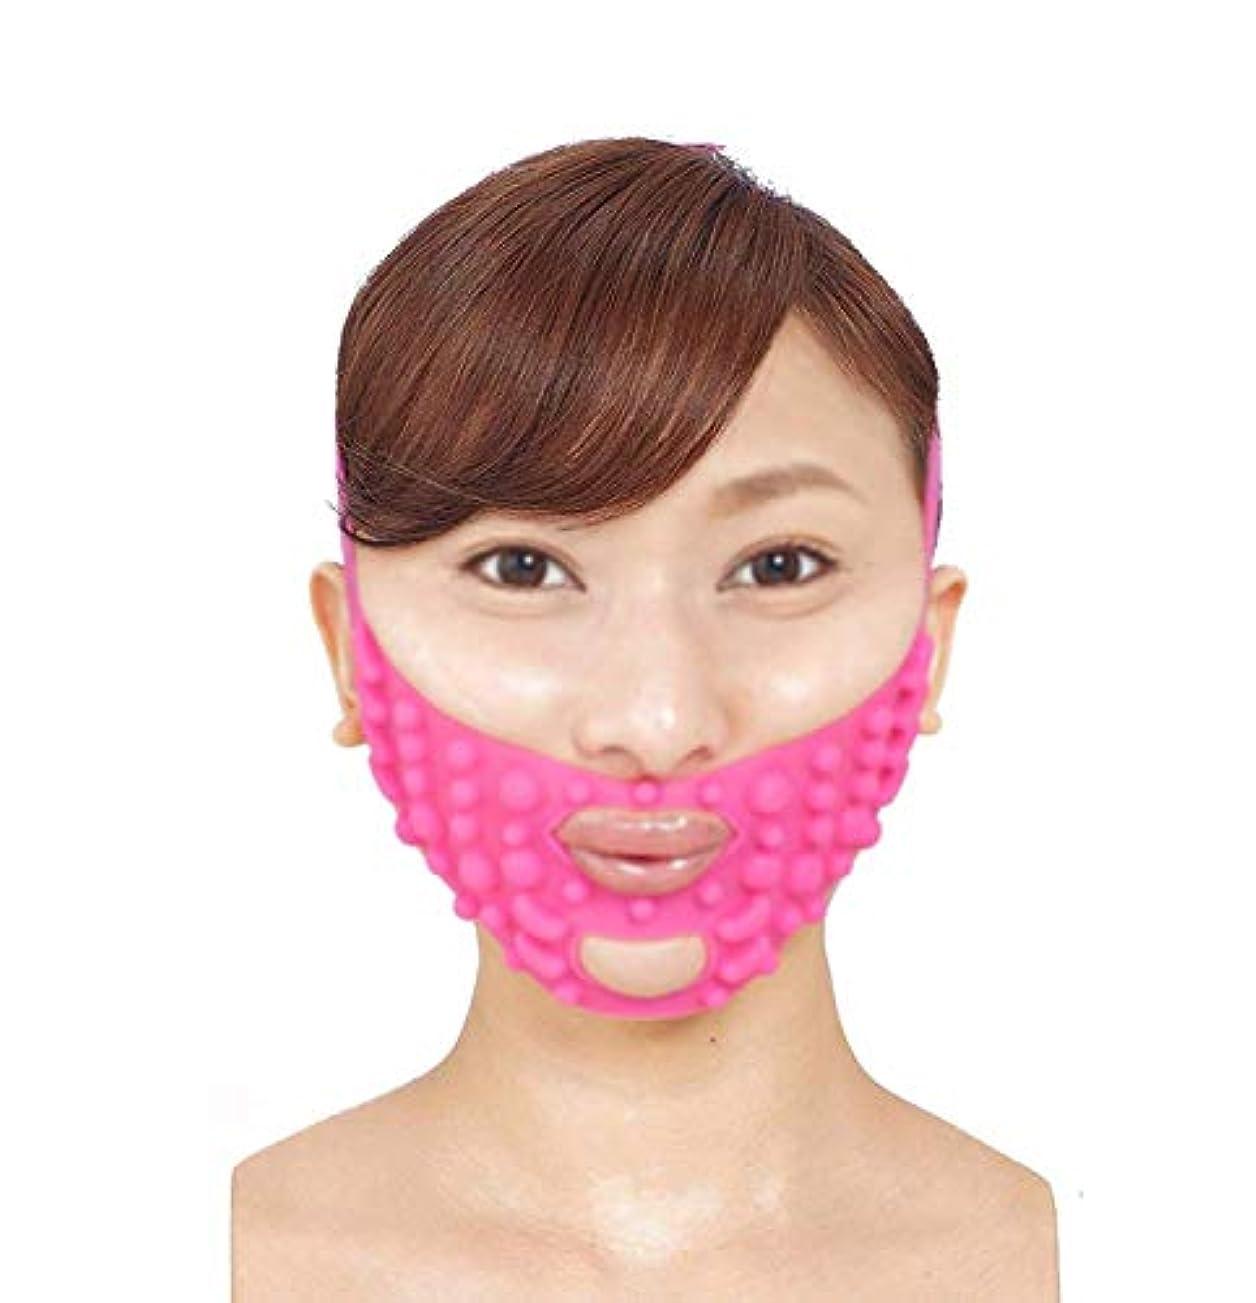 大学沼地フォーマットフェイシャルマスク、リフティングアーティファクトフェイスマスク垂れ下がった小さなVフェイスバンデージ付きの顔